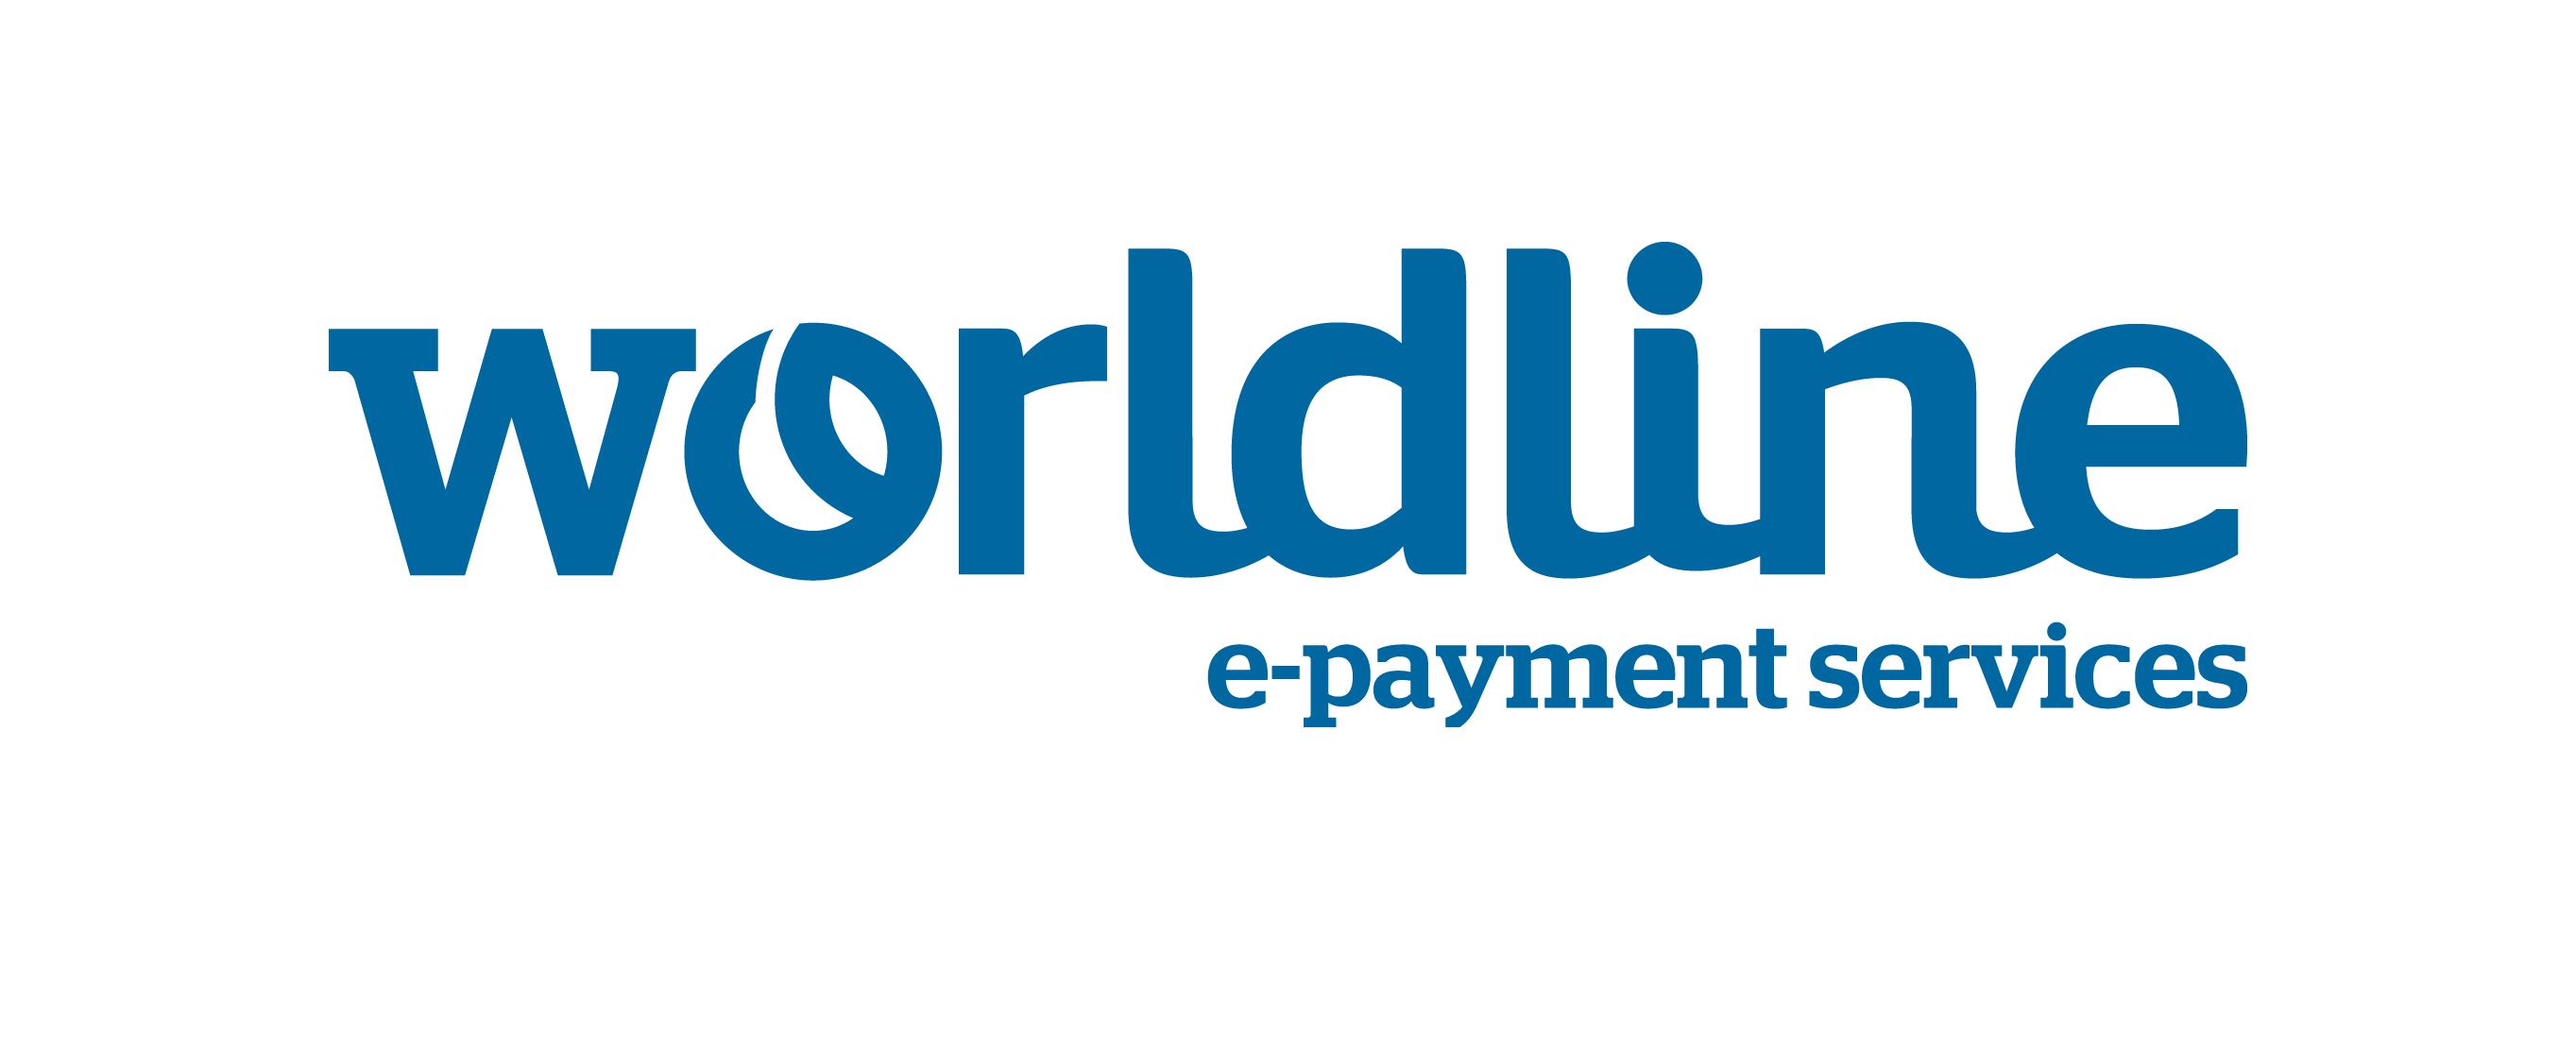 Worldline